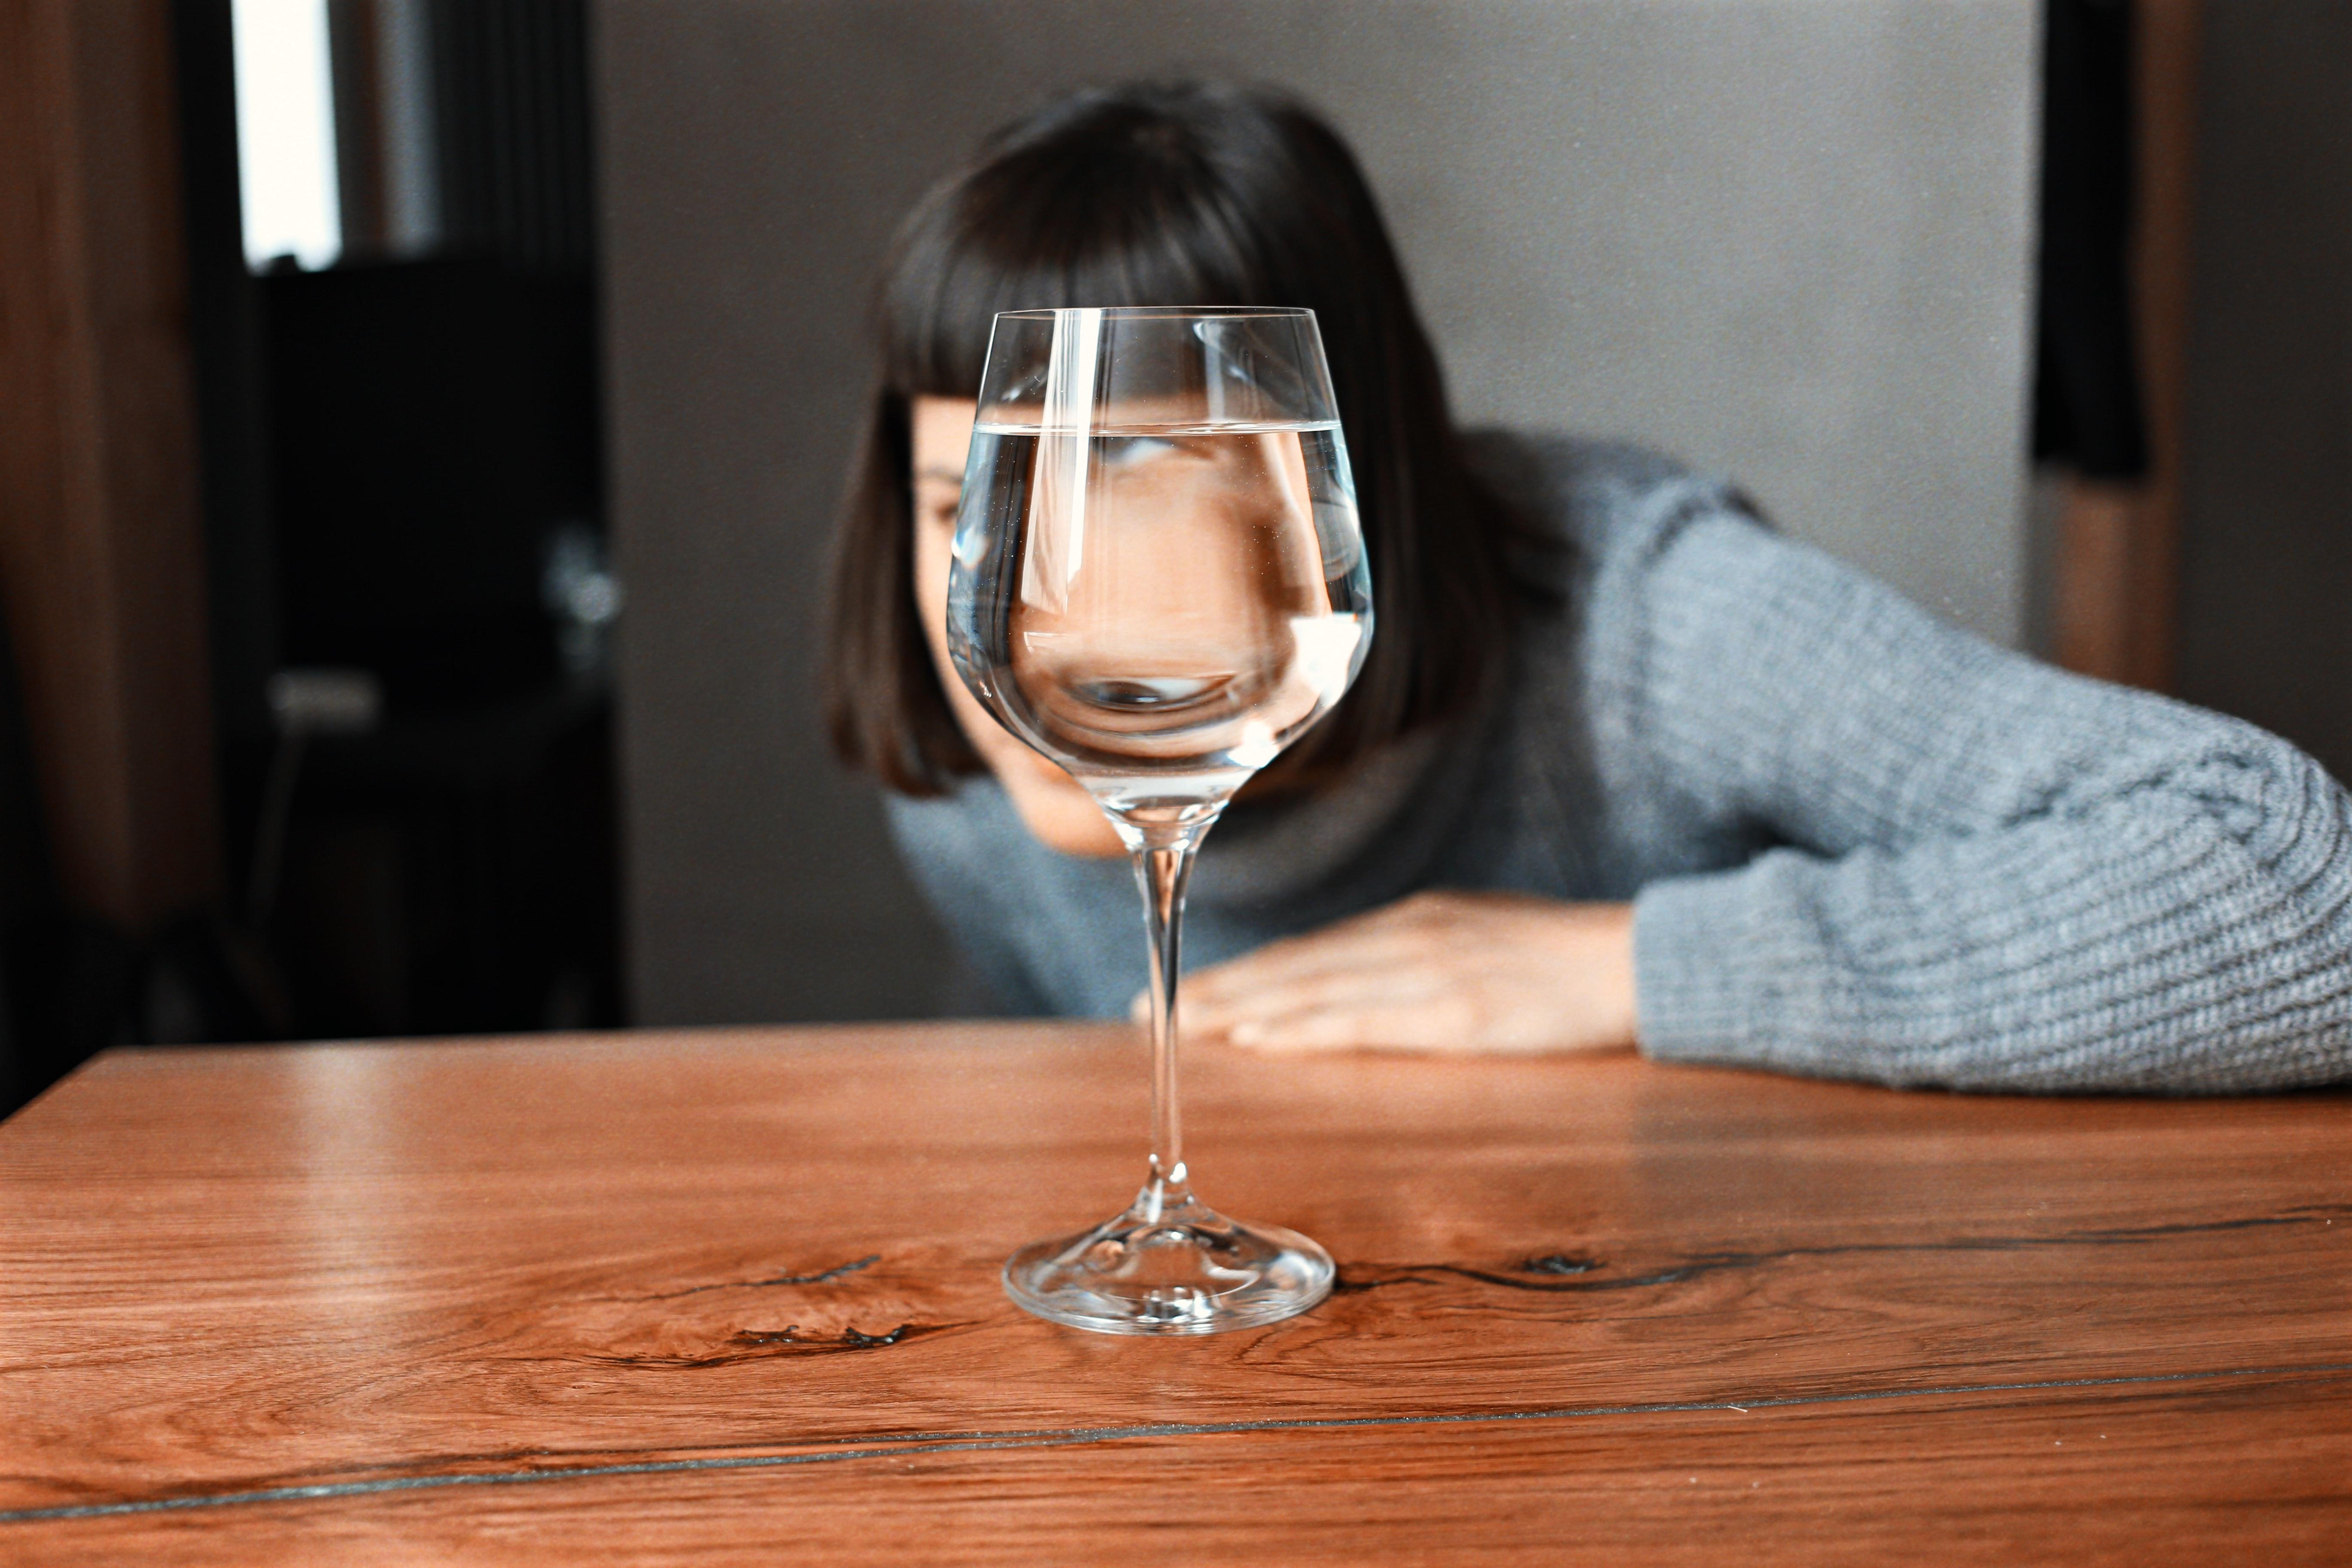 Leszokás az alkoholról | Segítség alkoholfüggőknek